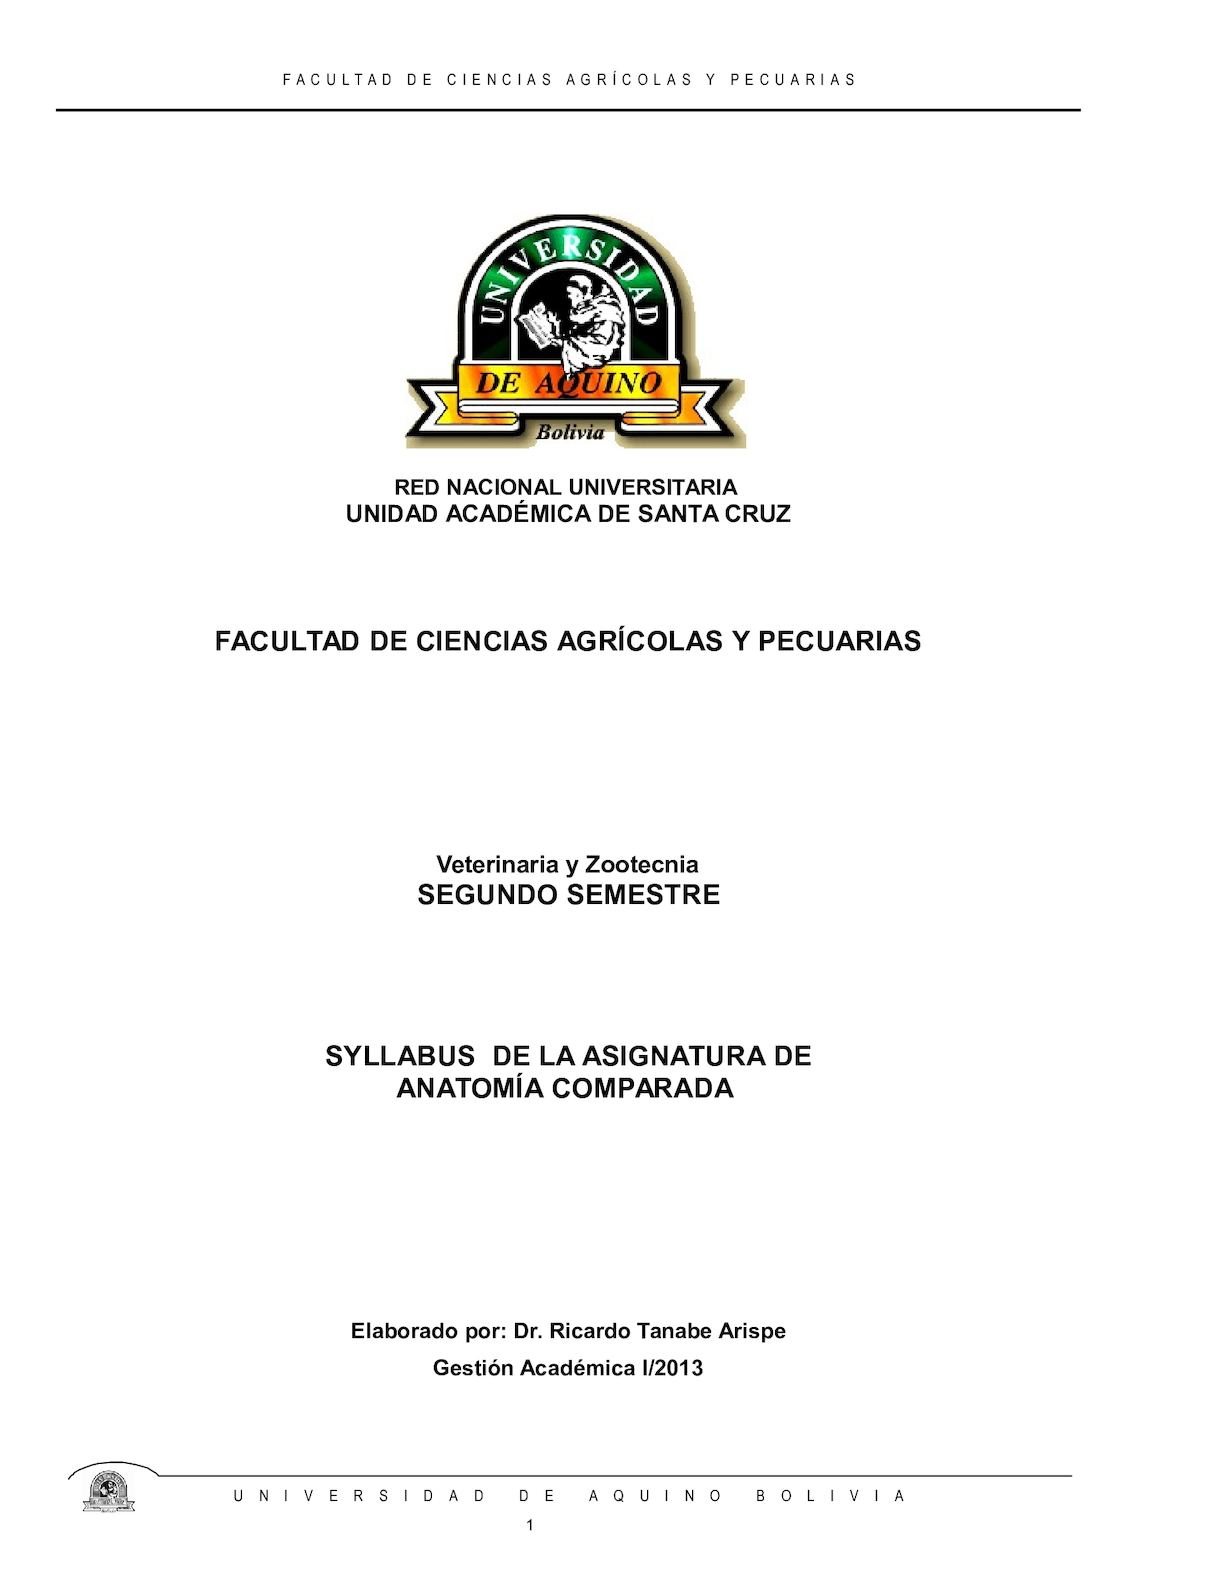 Moderno Ejemplos Anatomía Comparada Colección - Imágenes de Anatomía ...